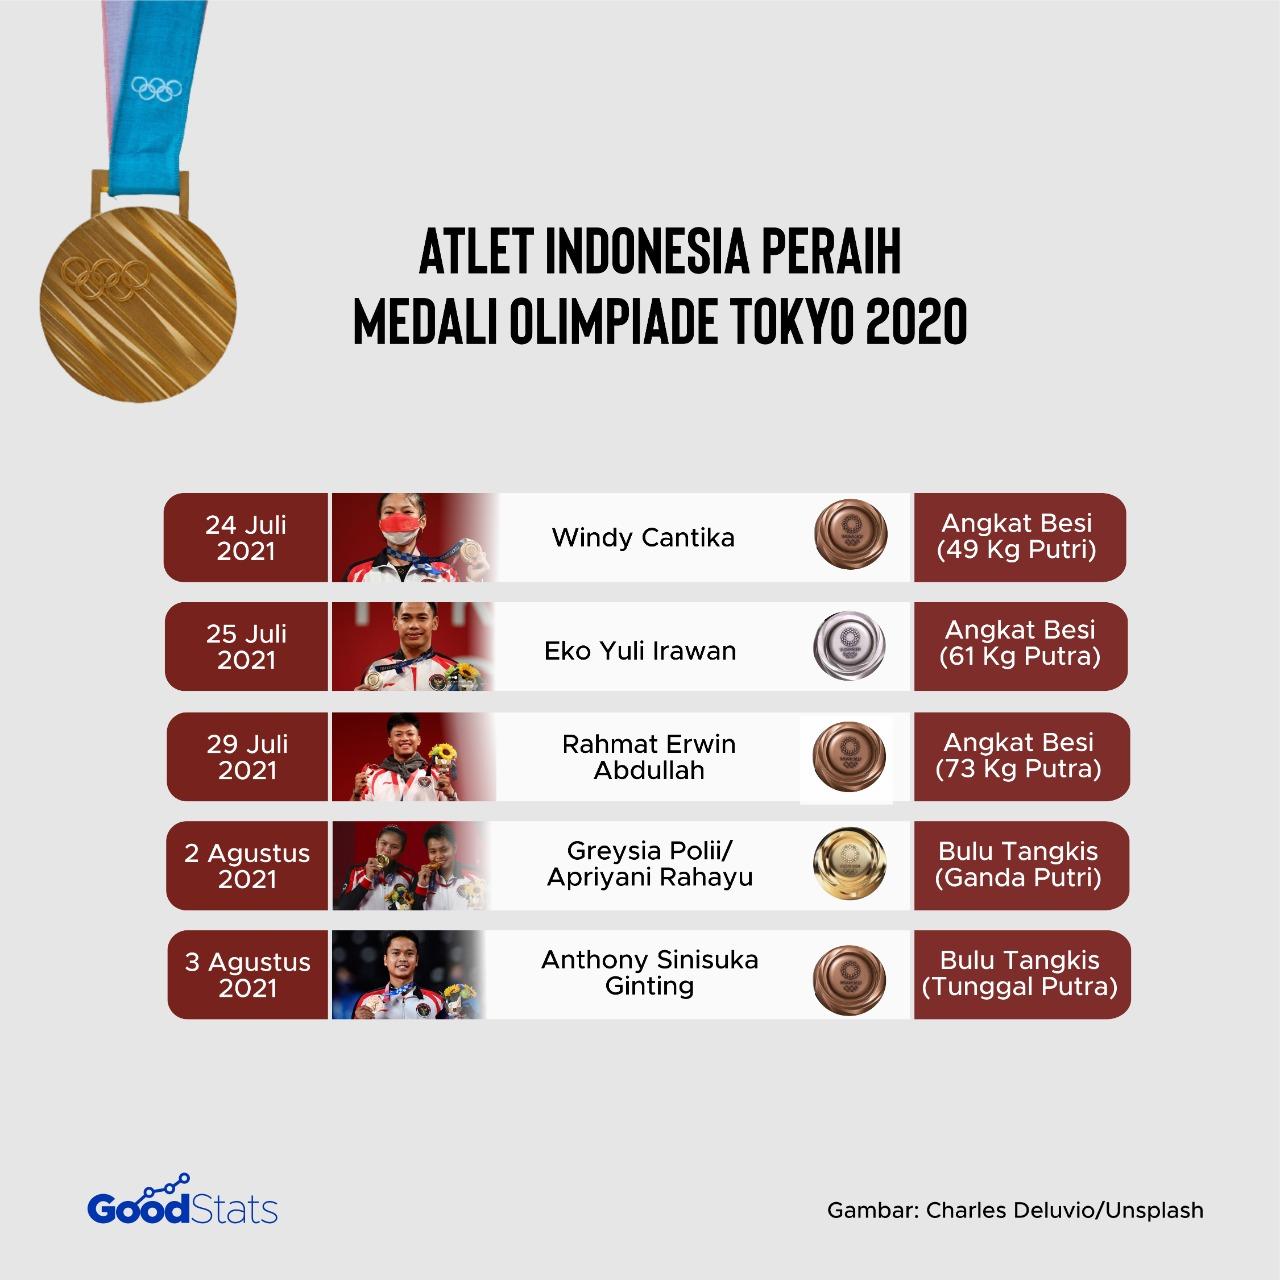 Daftar atlet Indonesia peraih medali Olimpiade Tokyo 2020   GoodStats